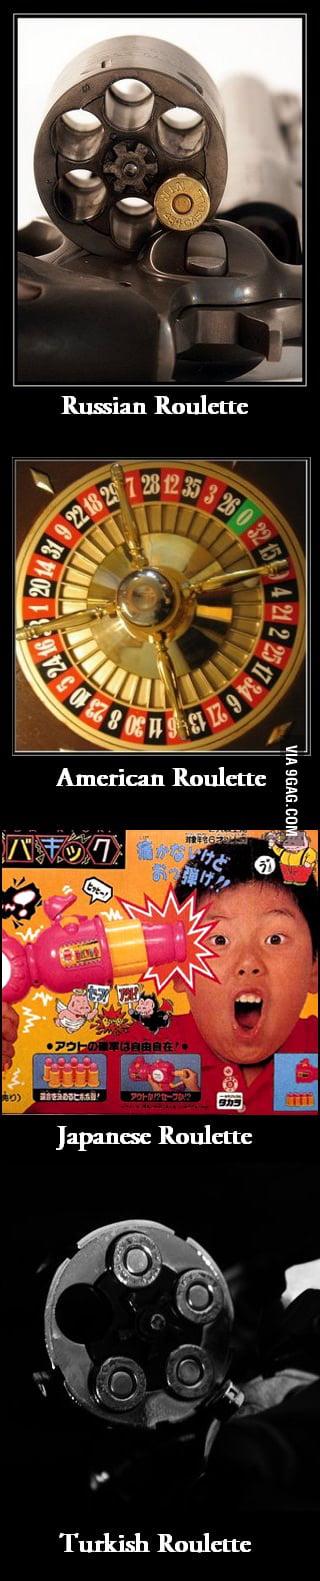 Gambling terms all in